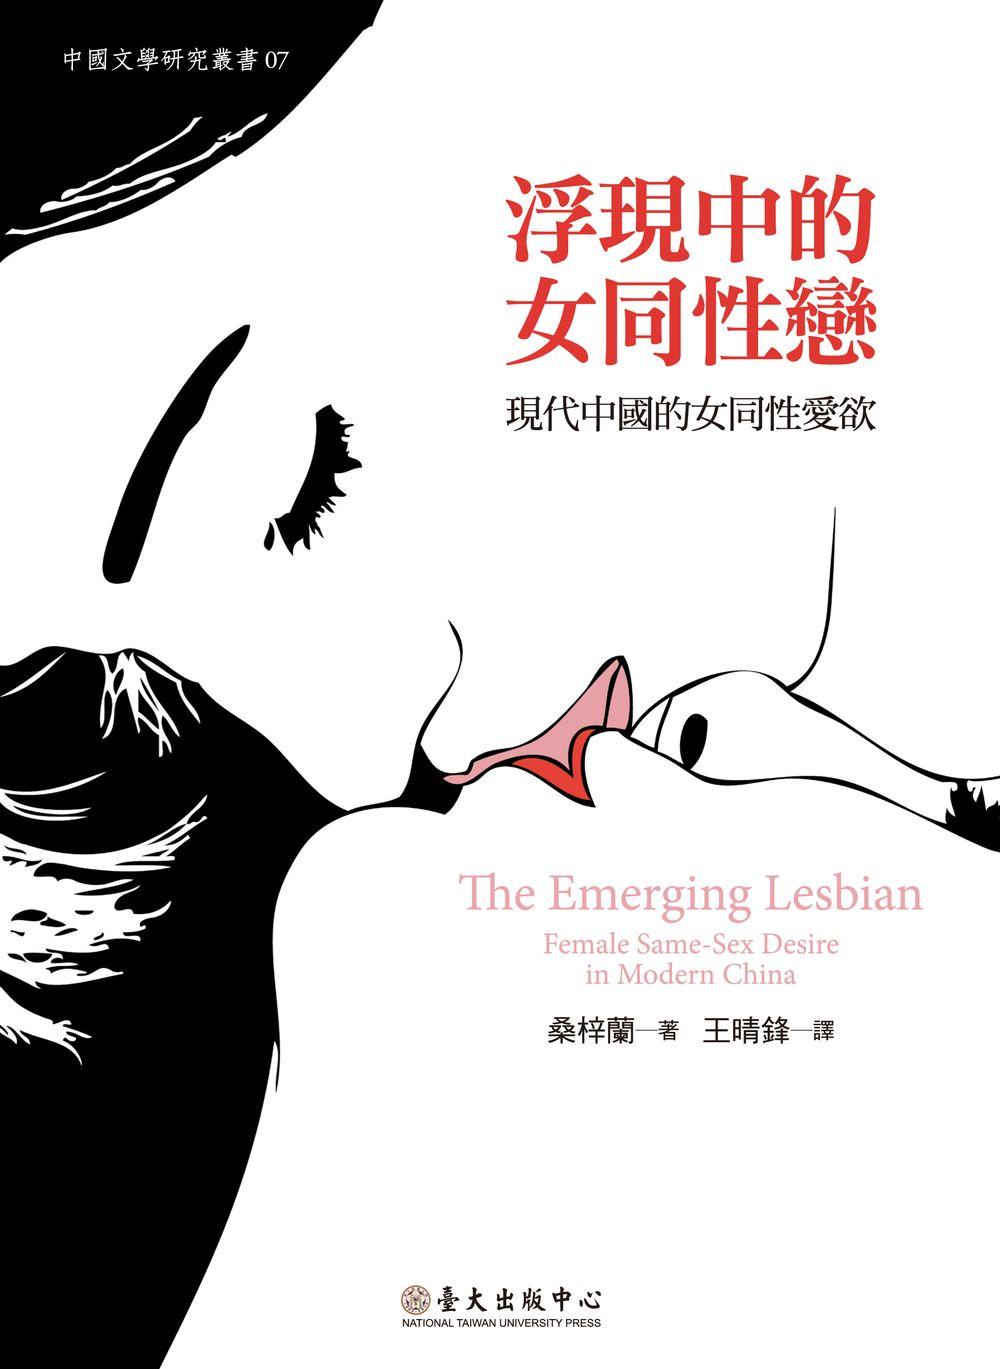 浮現中的女同性戀──現代中國的女同性愛欲